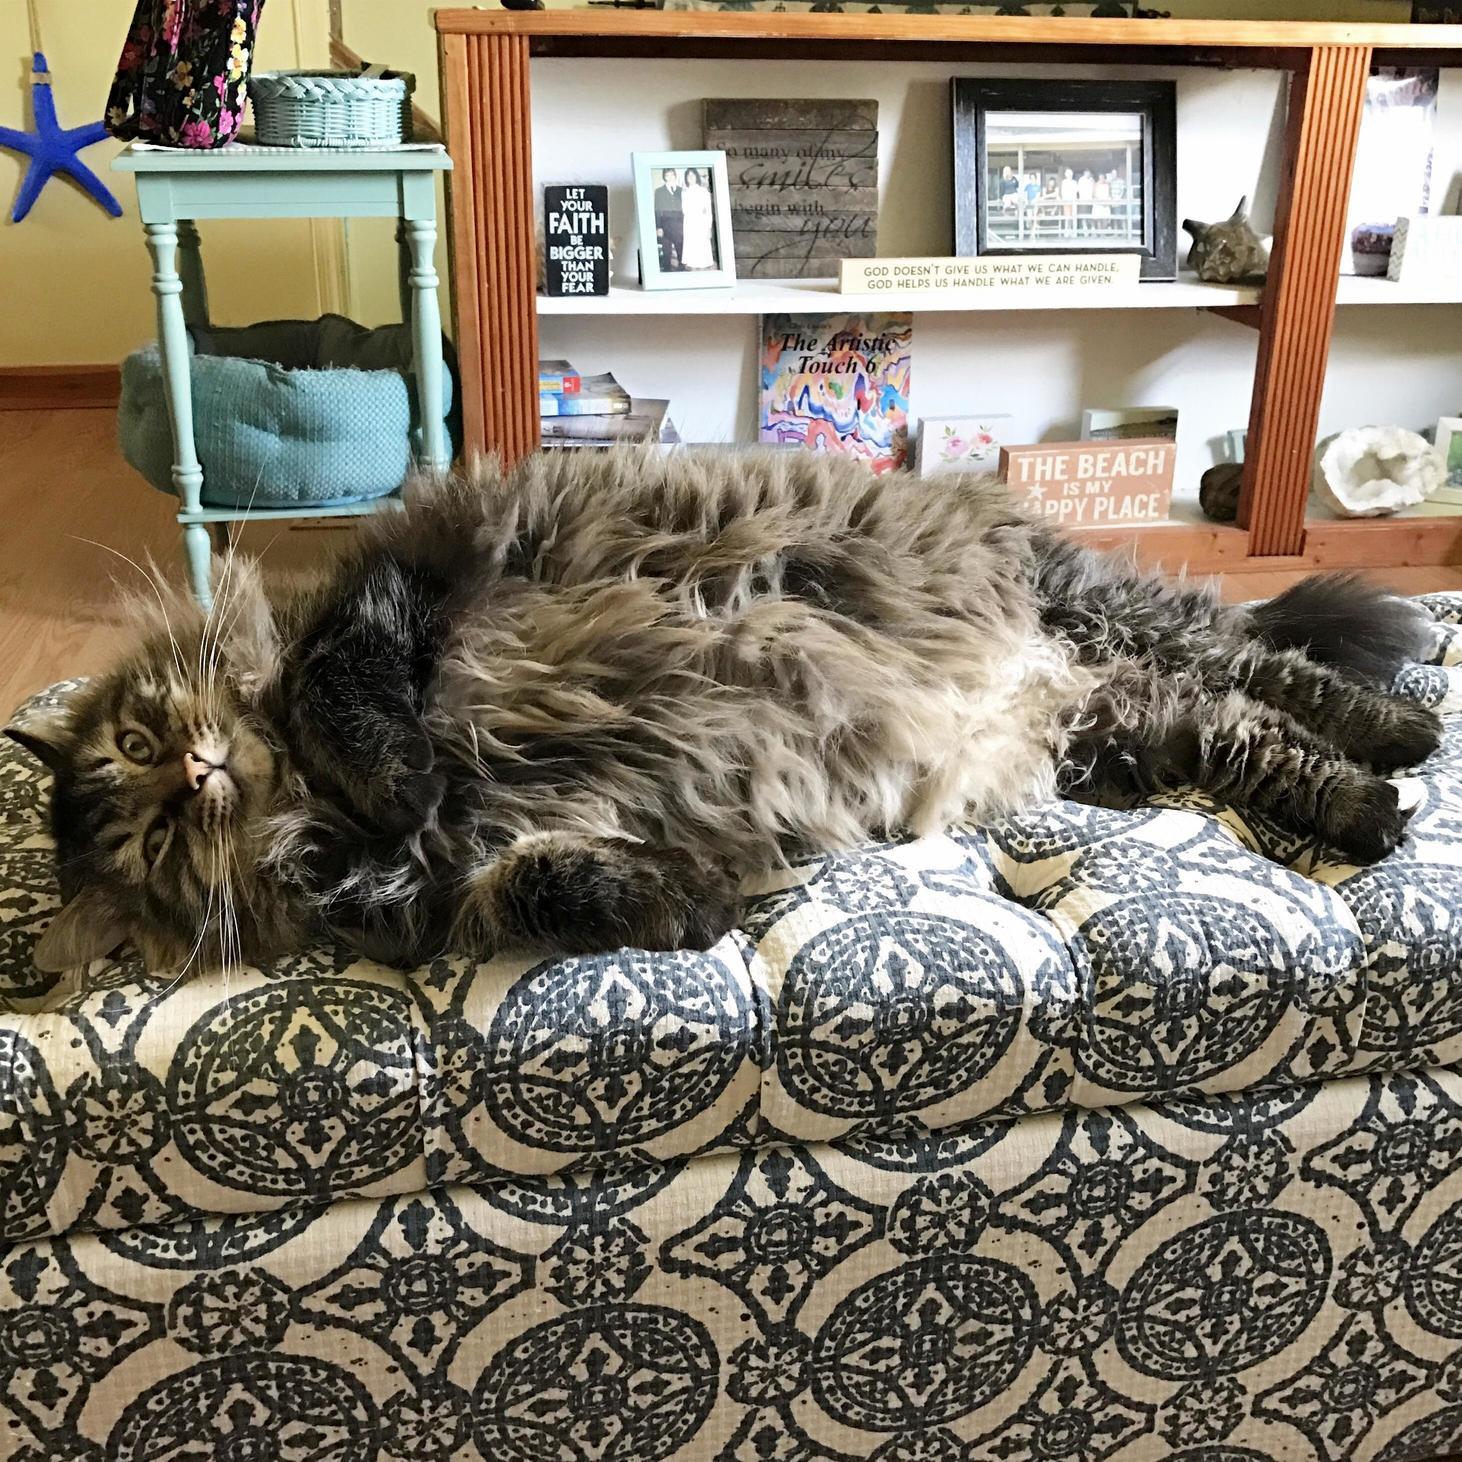 Fat mermaid cat